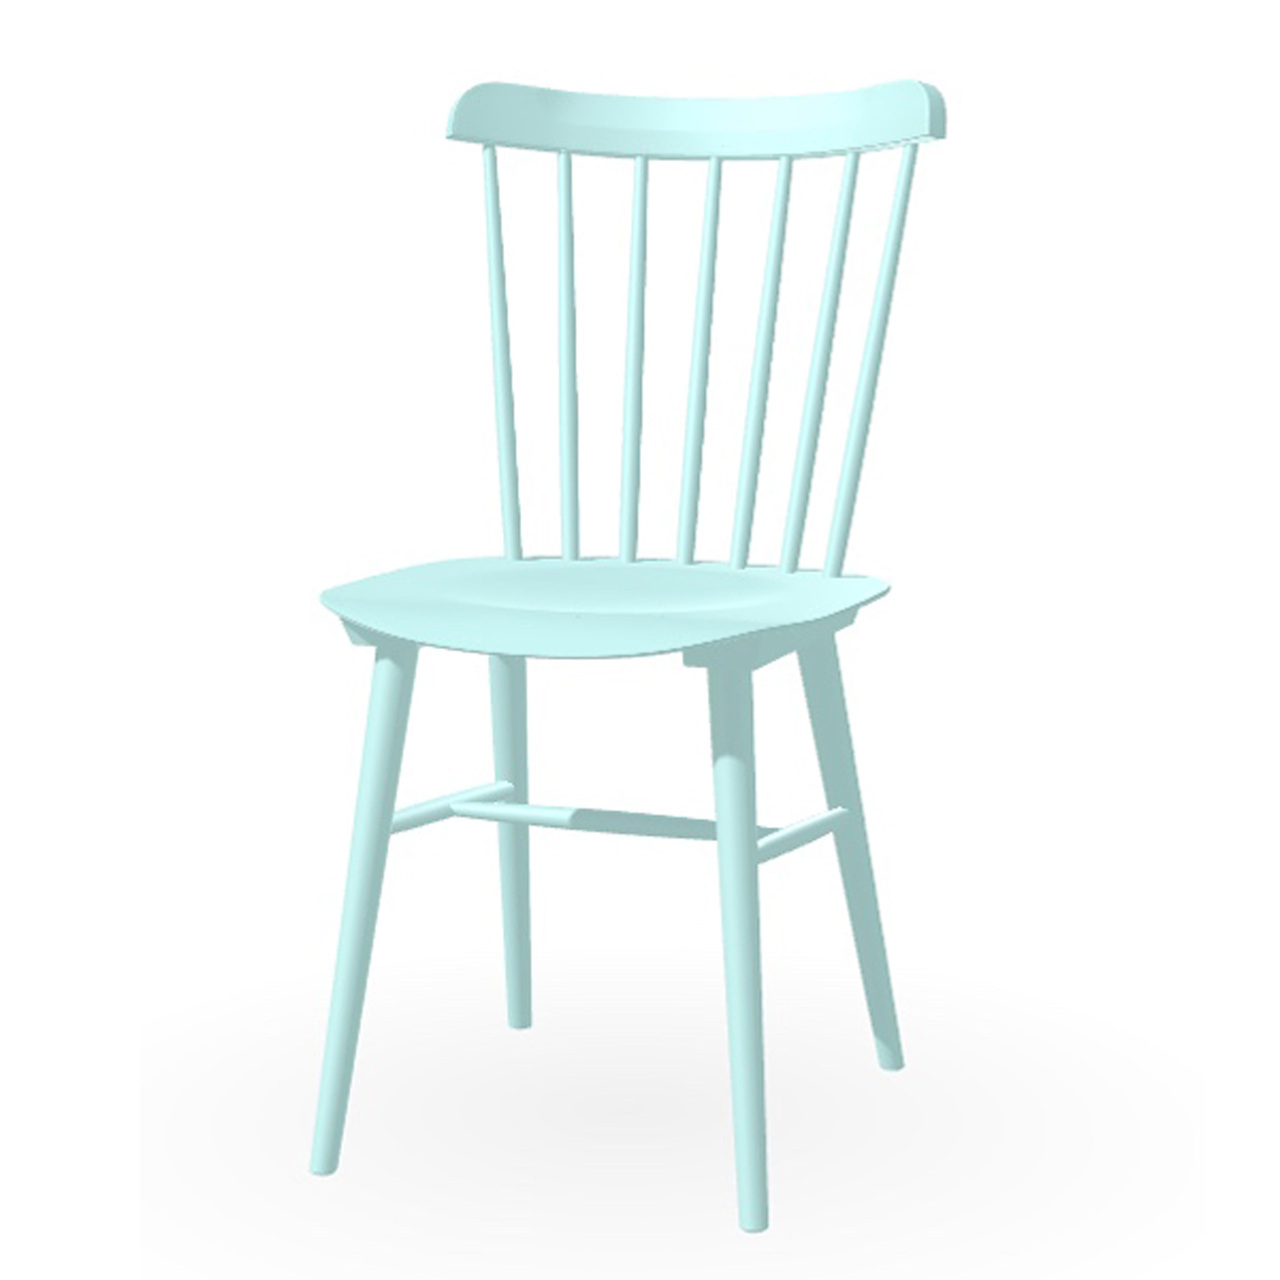 Ton Stuhl im Retro-Stil für den Esstisch  Eiche Pigmentiert Aqua Grün (B 45),  Helle Kunststoffgleiter